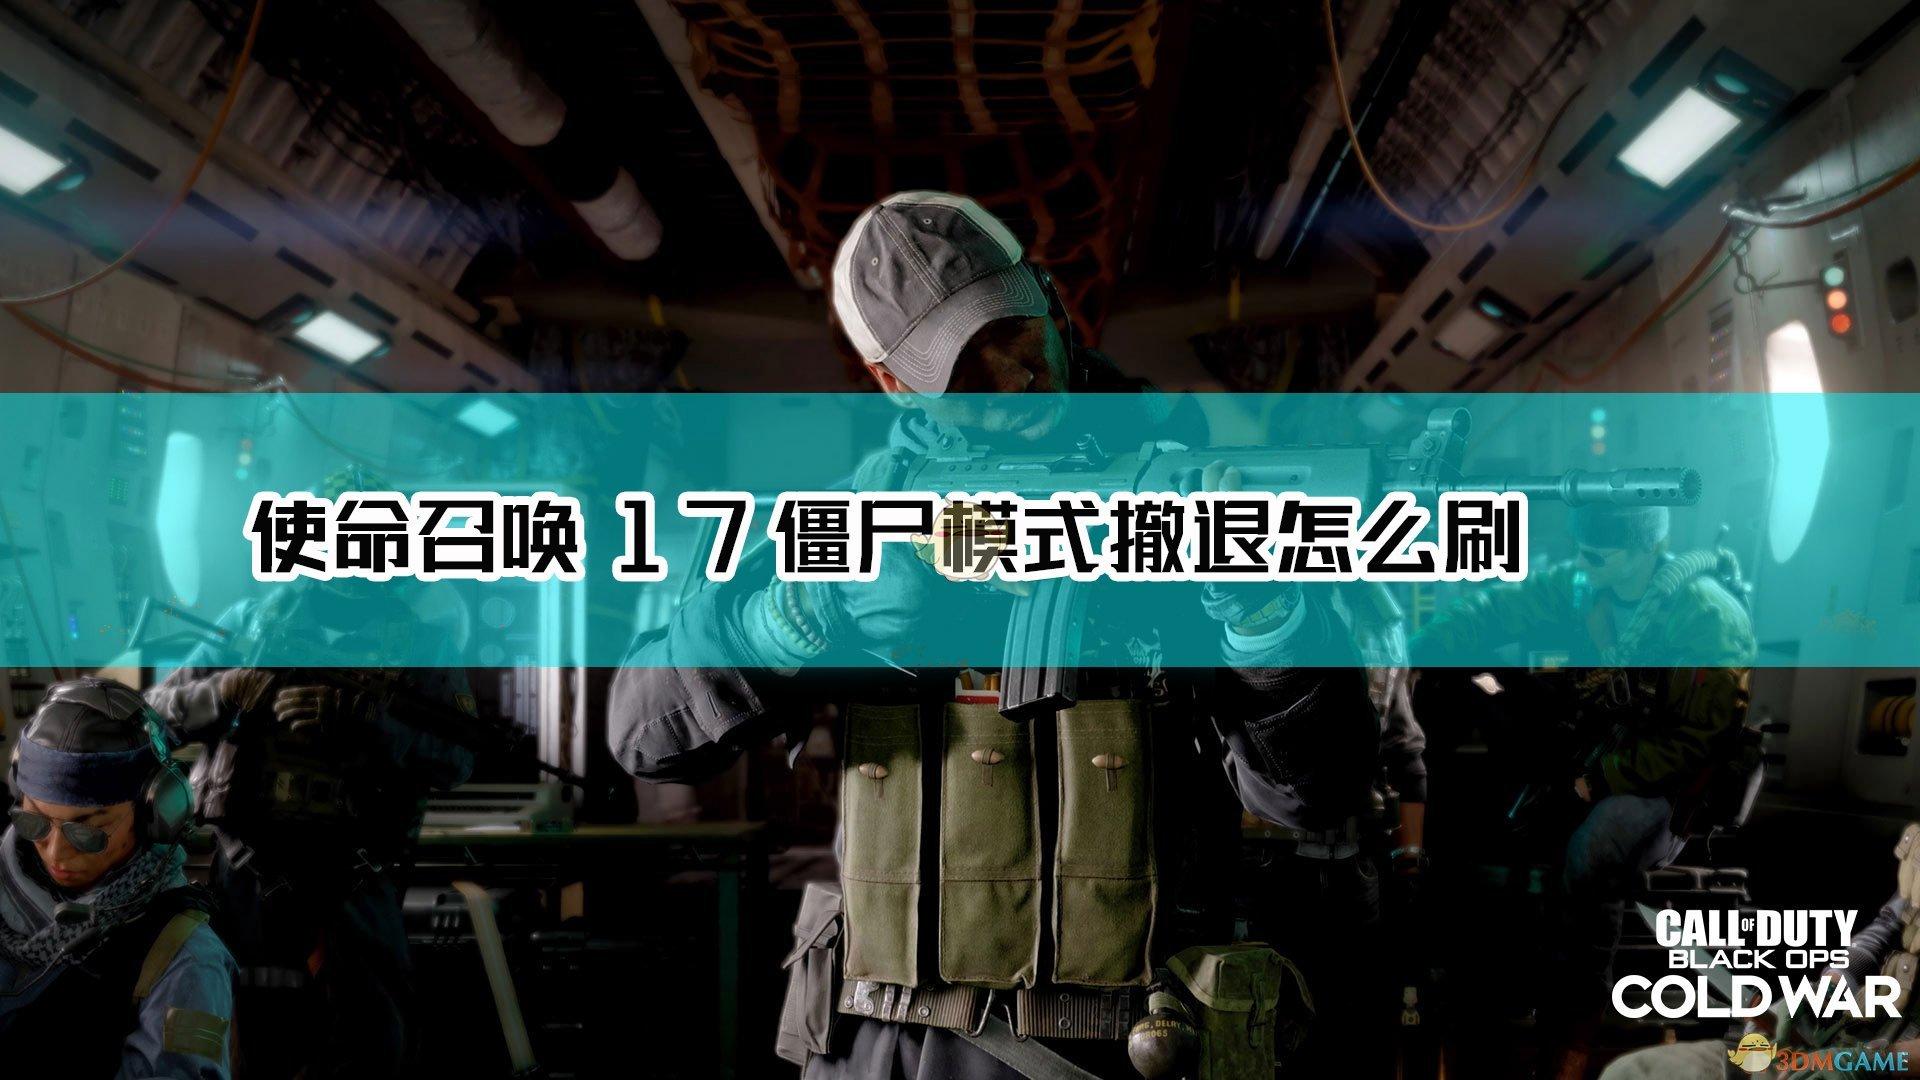 《使命召唤17:黑色行动 冷战》僵尸模式撤退刷法介绍